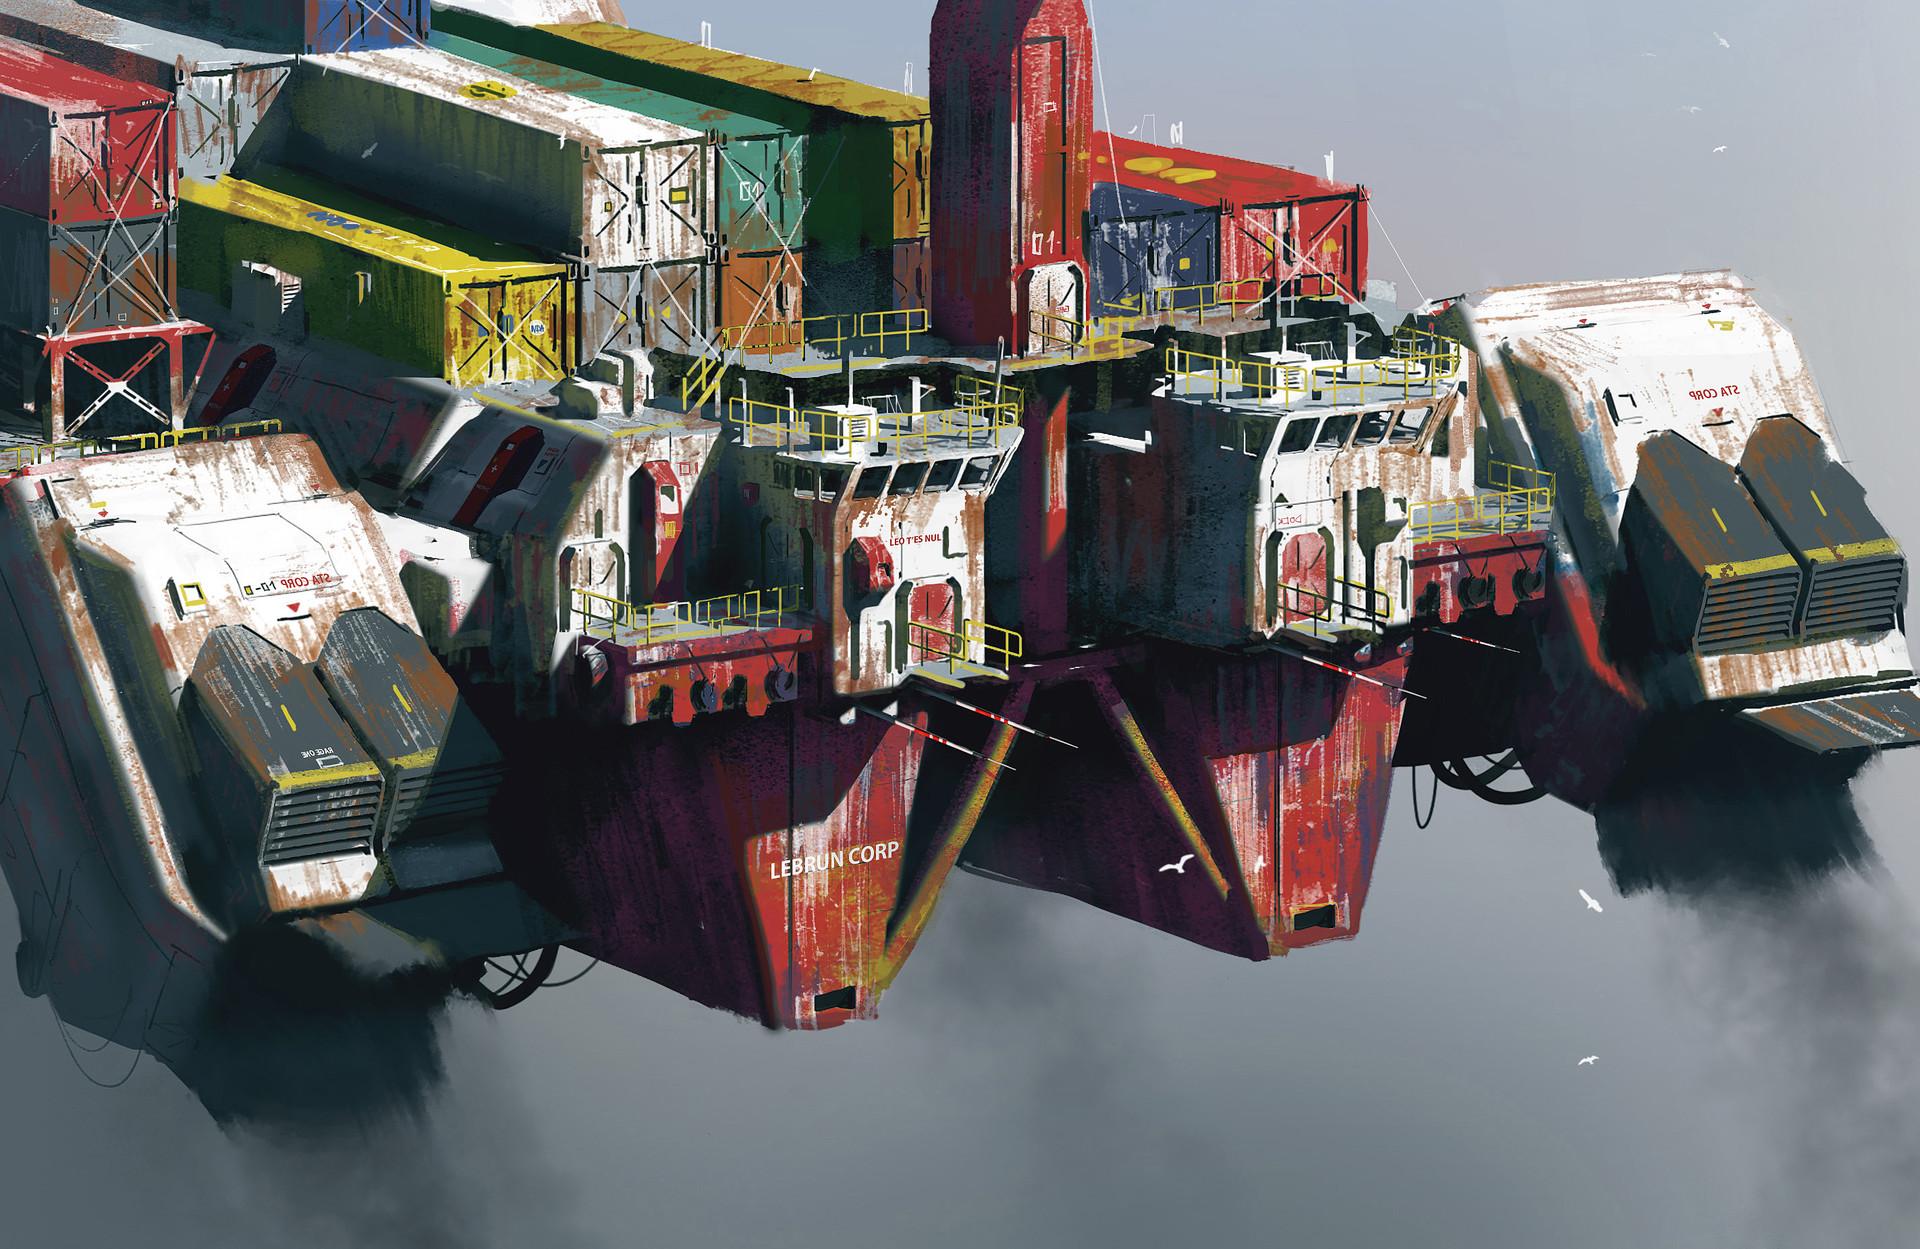 Paul chadeisson testspeed 0161 ship closeup 01